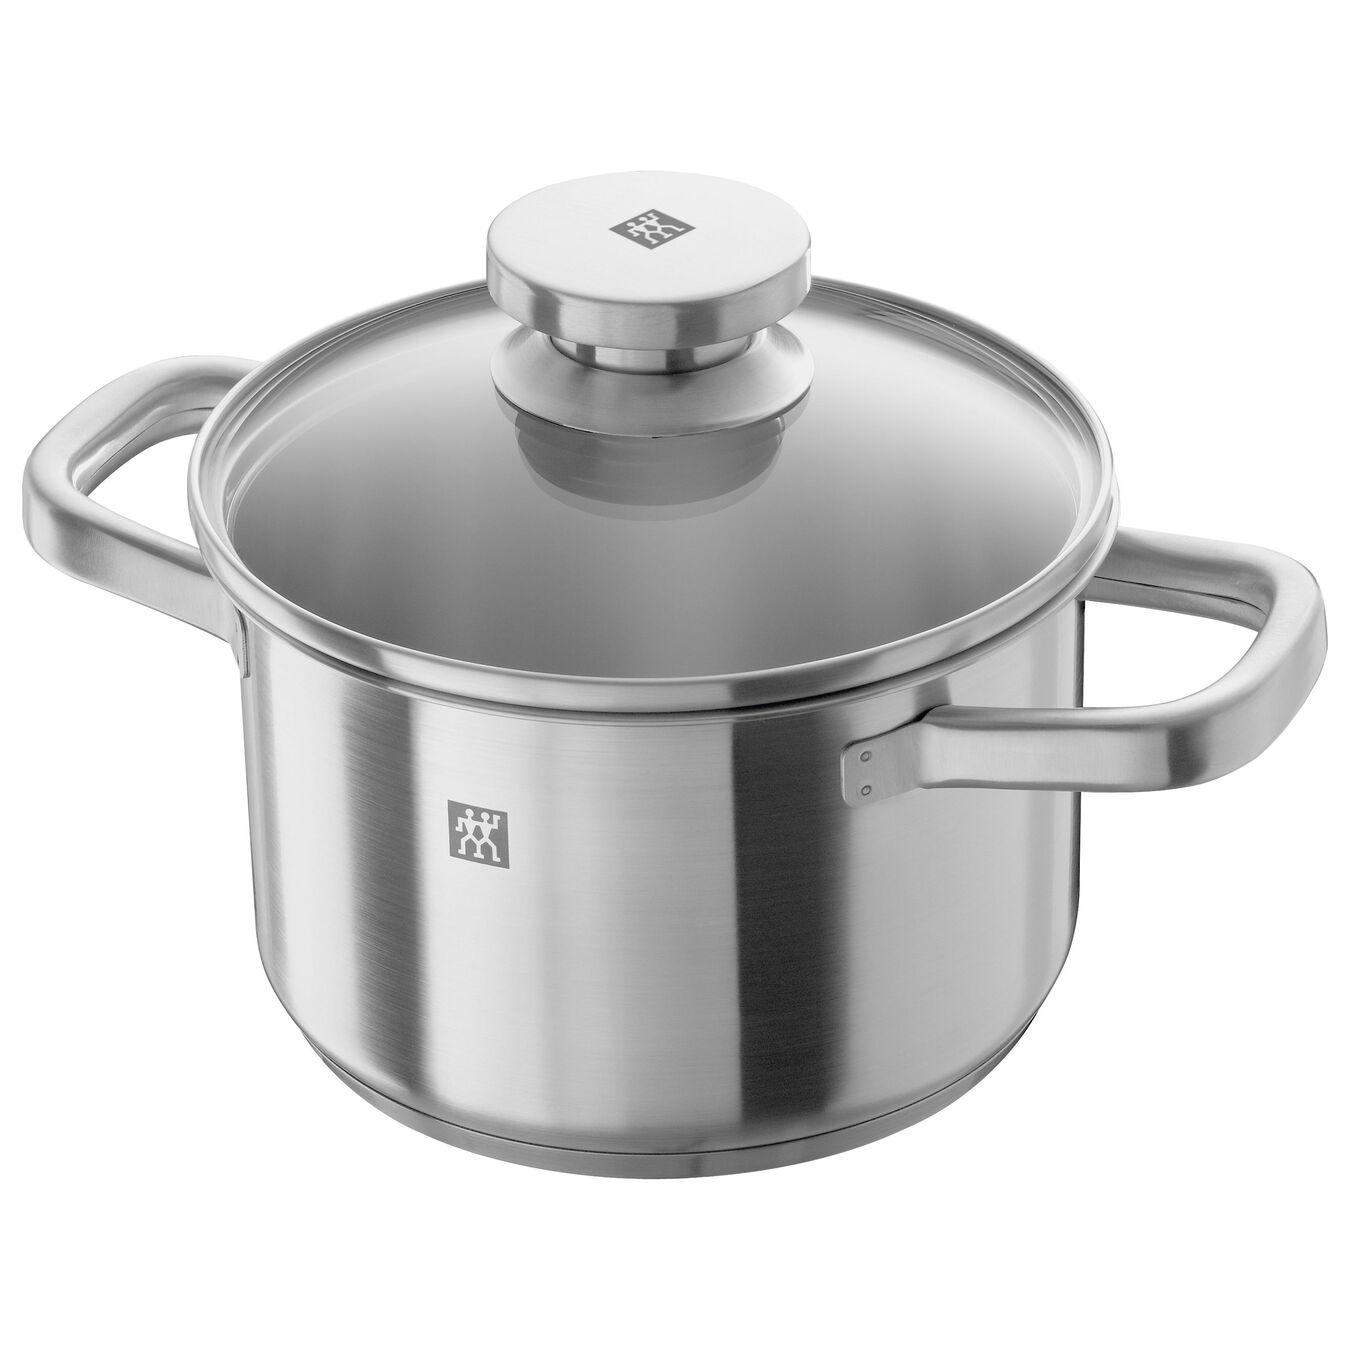 12-pcs 18/10 Stainless Steel Ensemble de casseroles et poêles,,large 2